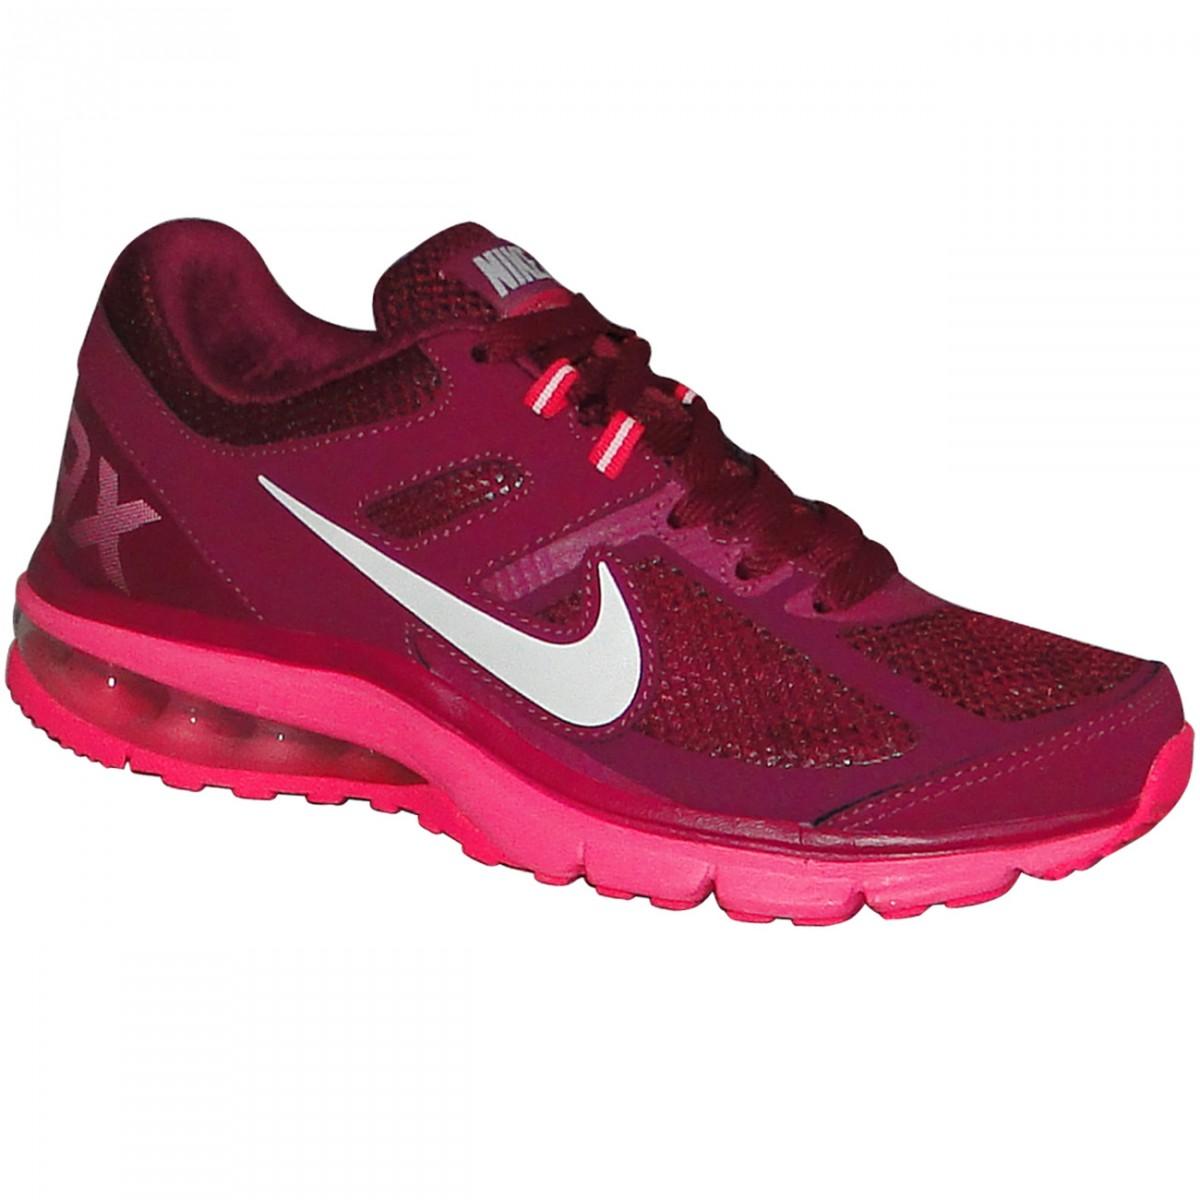 online retailer e0936 e84e4 Tenis Nike Air Max Defy Rn 599390 616 - Cereja Rosa - Chuteira Nike,  Adidas. Sandalias Femininas. Sandy Calçados